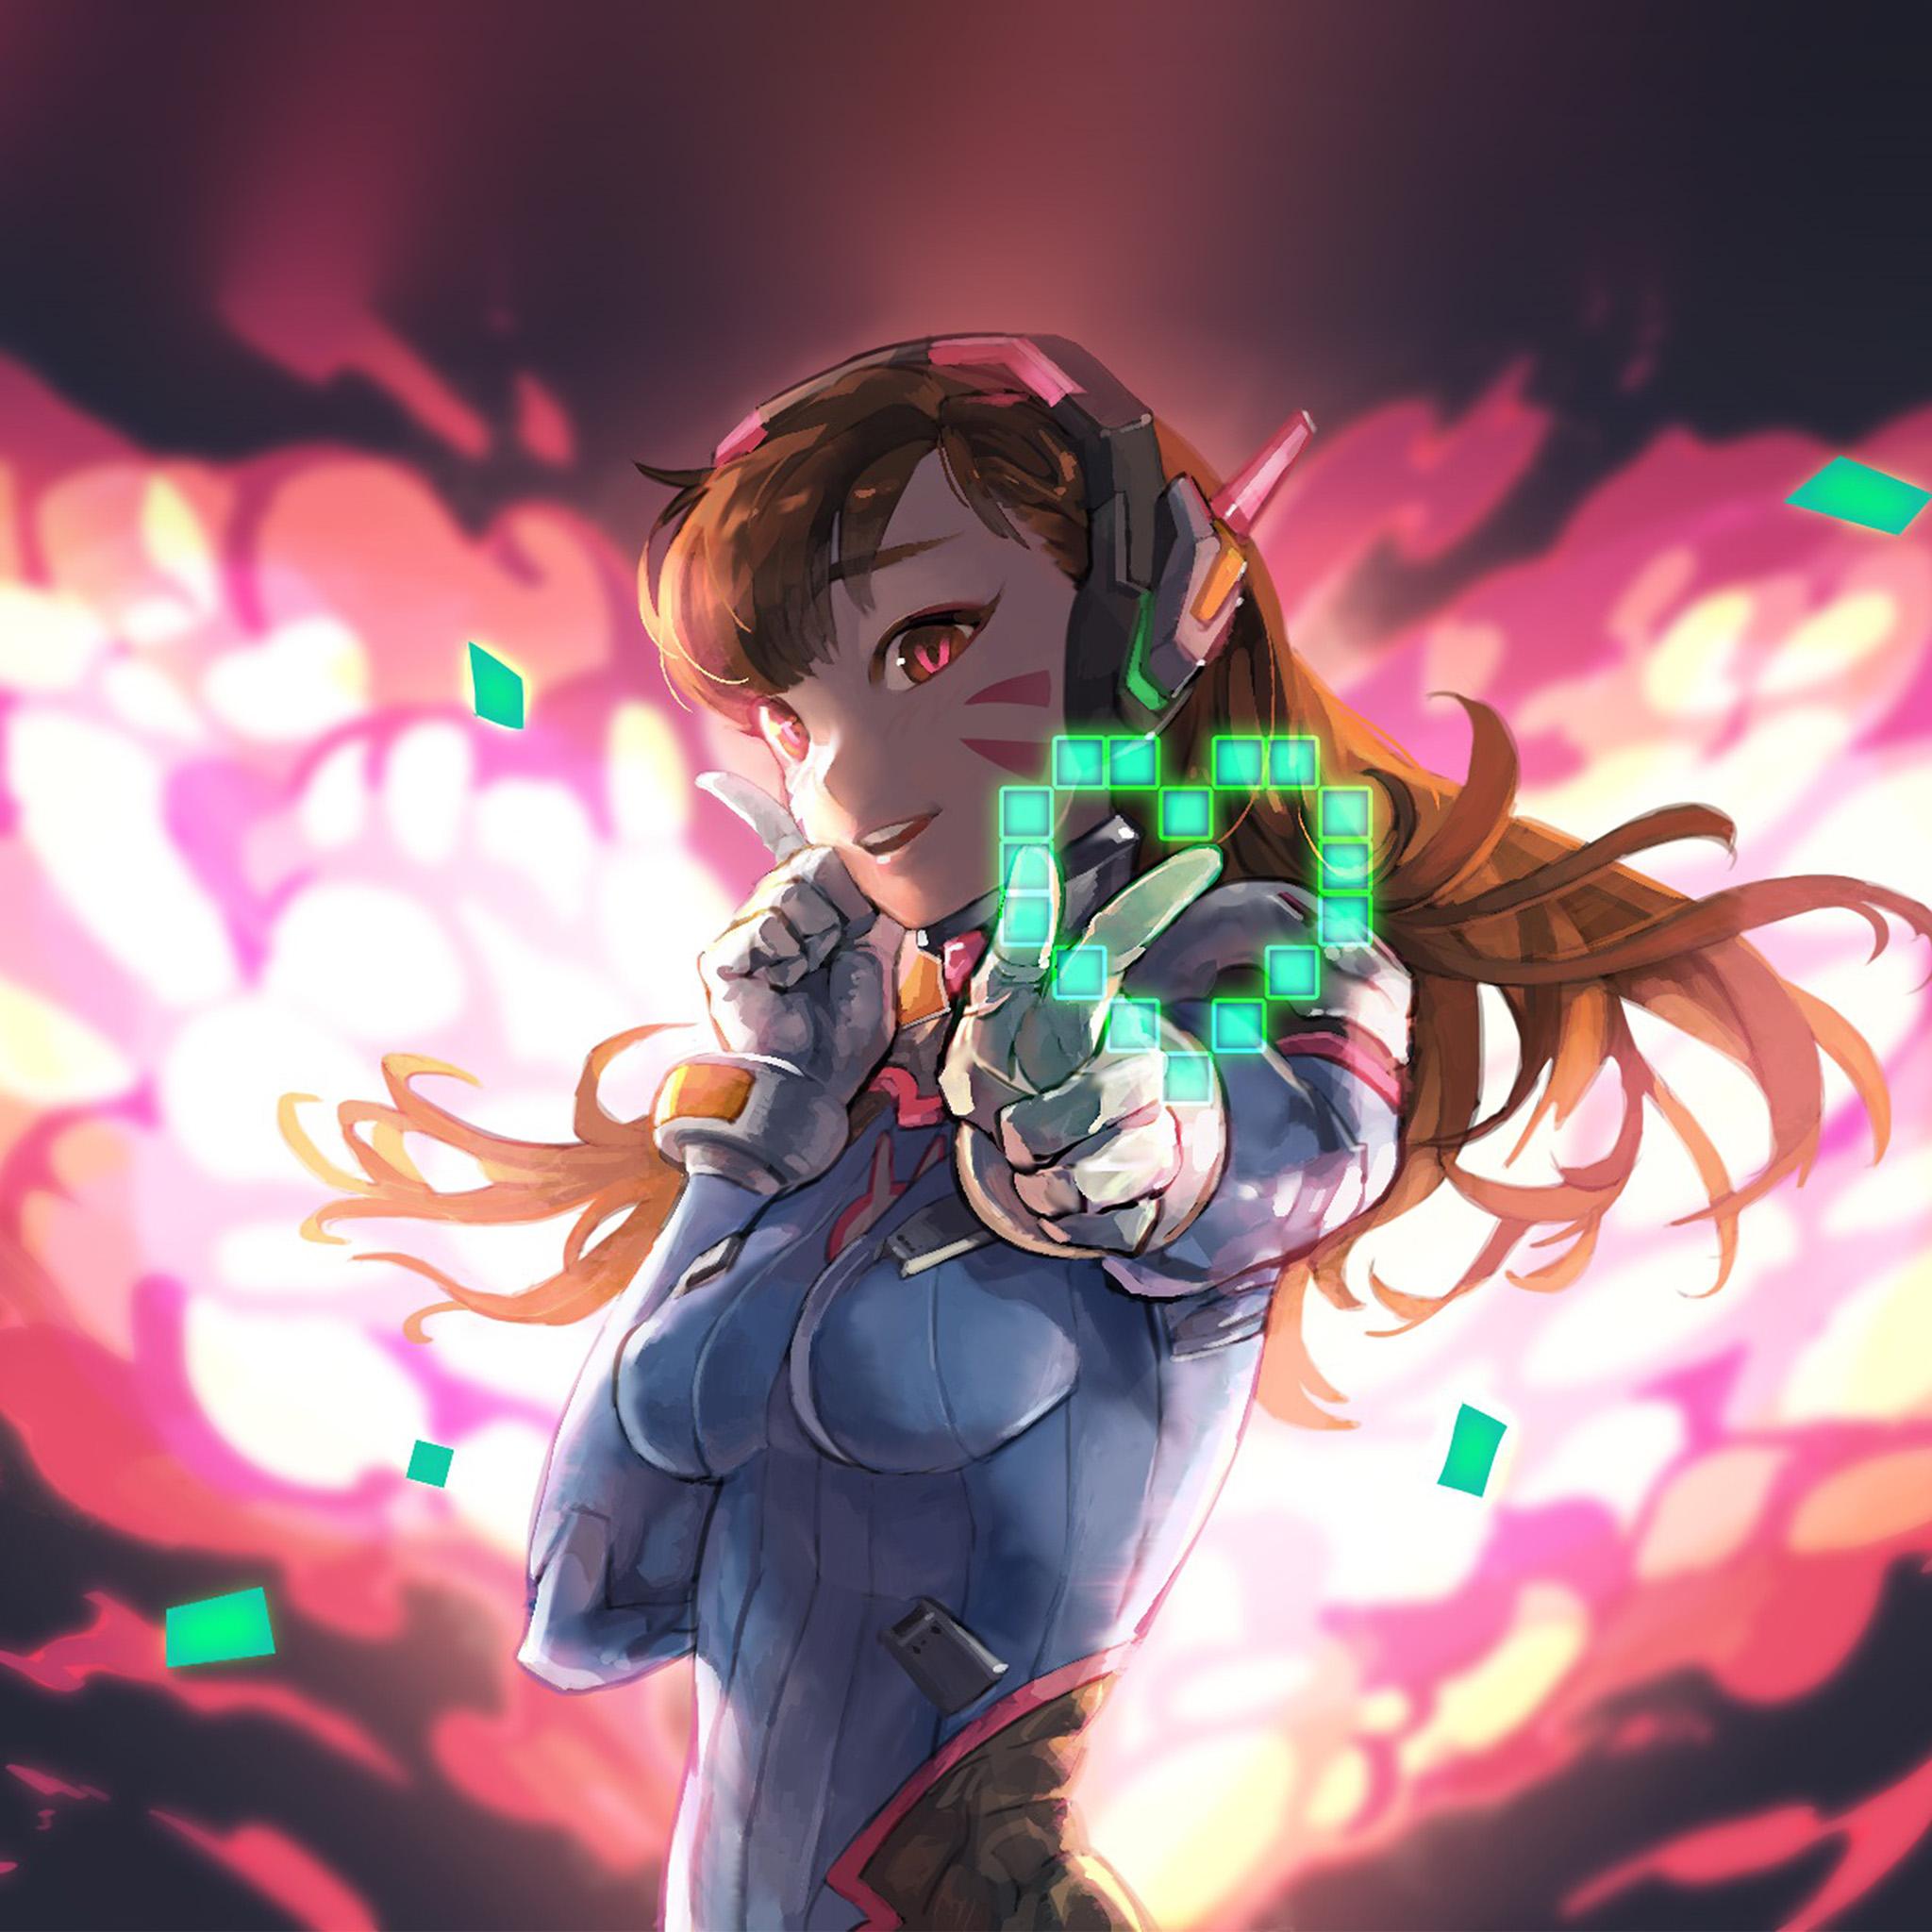 Bc70-diva-girl-anime-game-overwatch-art-illustration-wallpaper